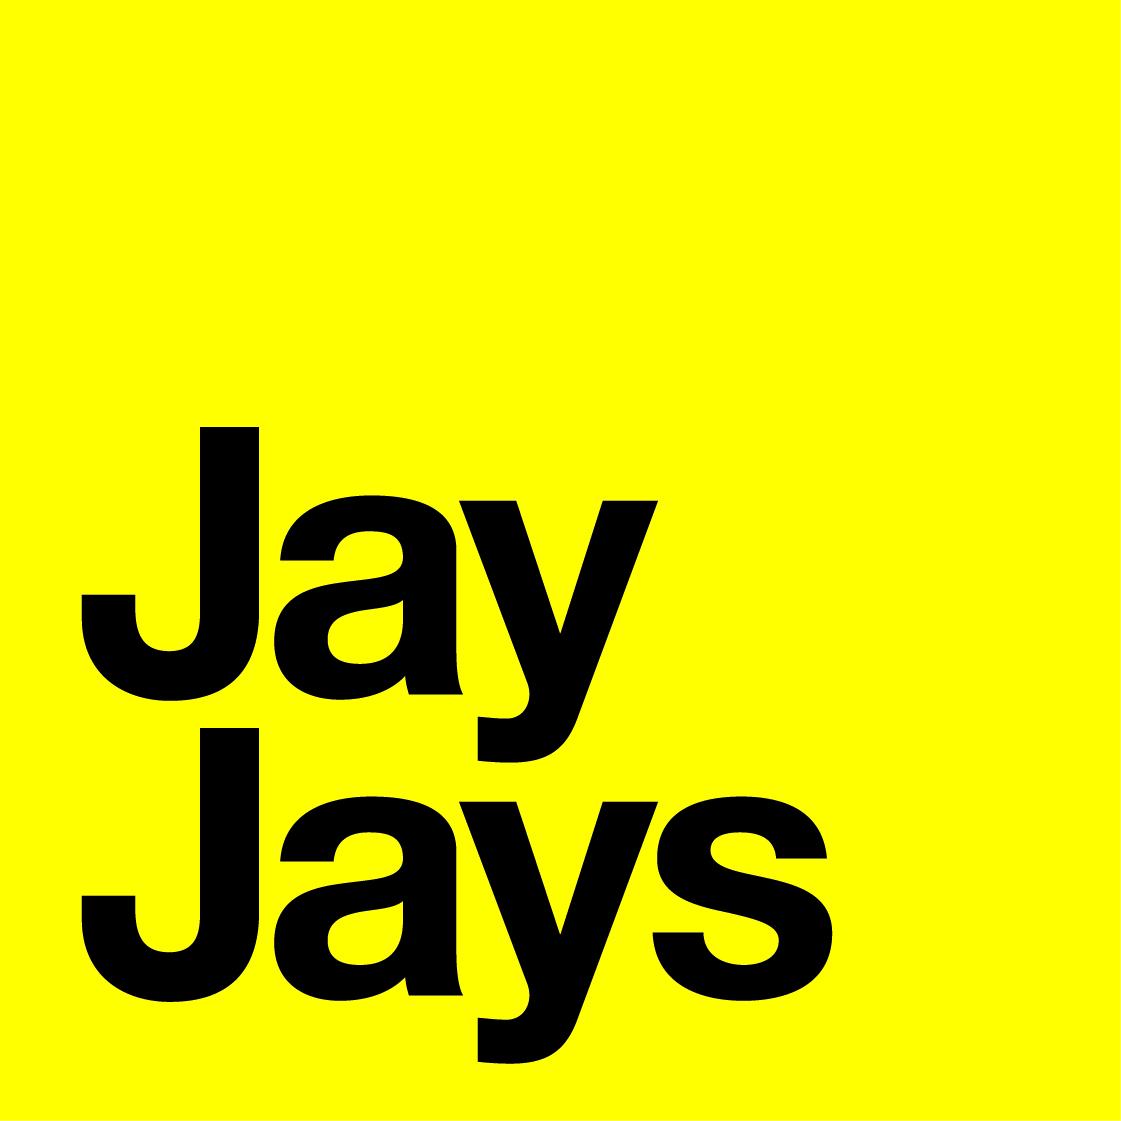 Jay jays clothing store